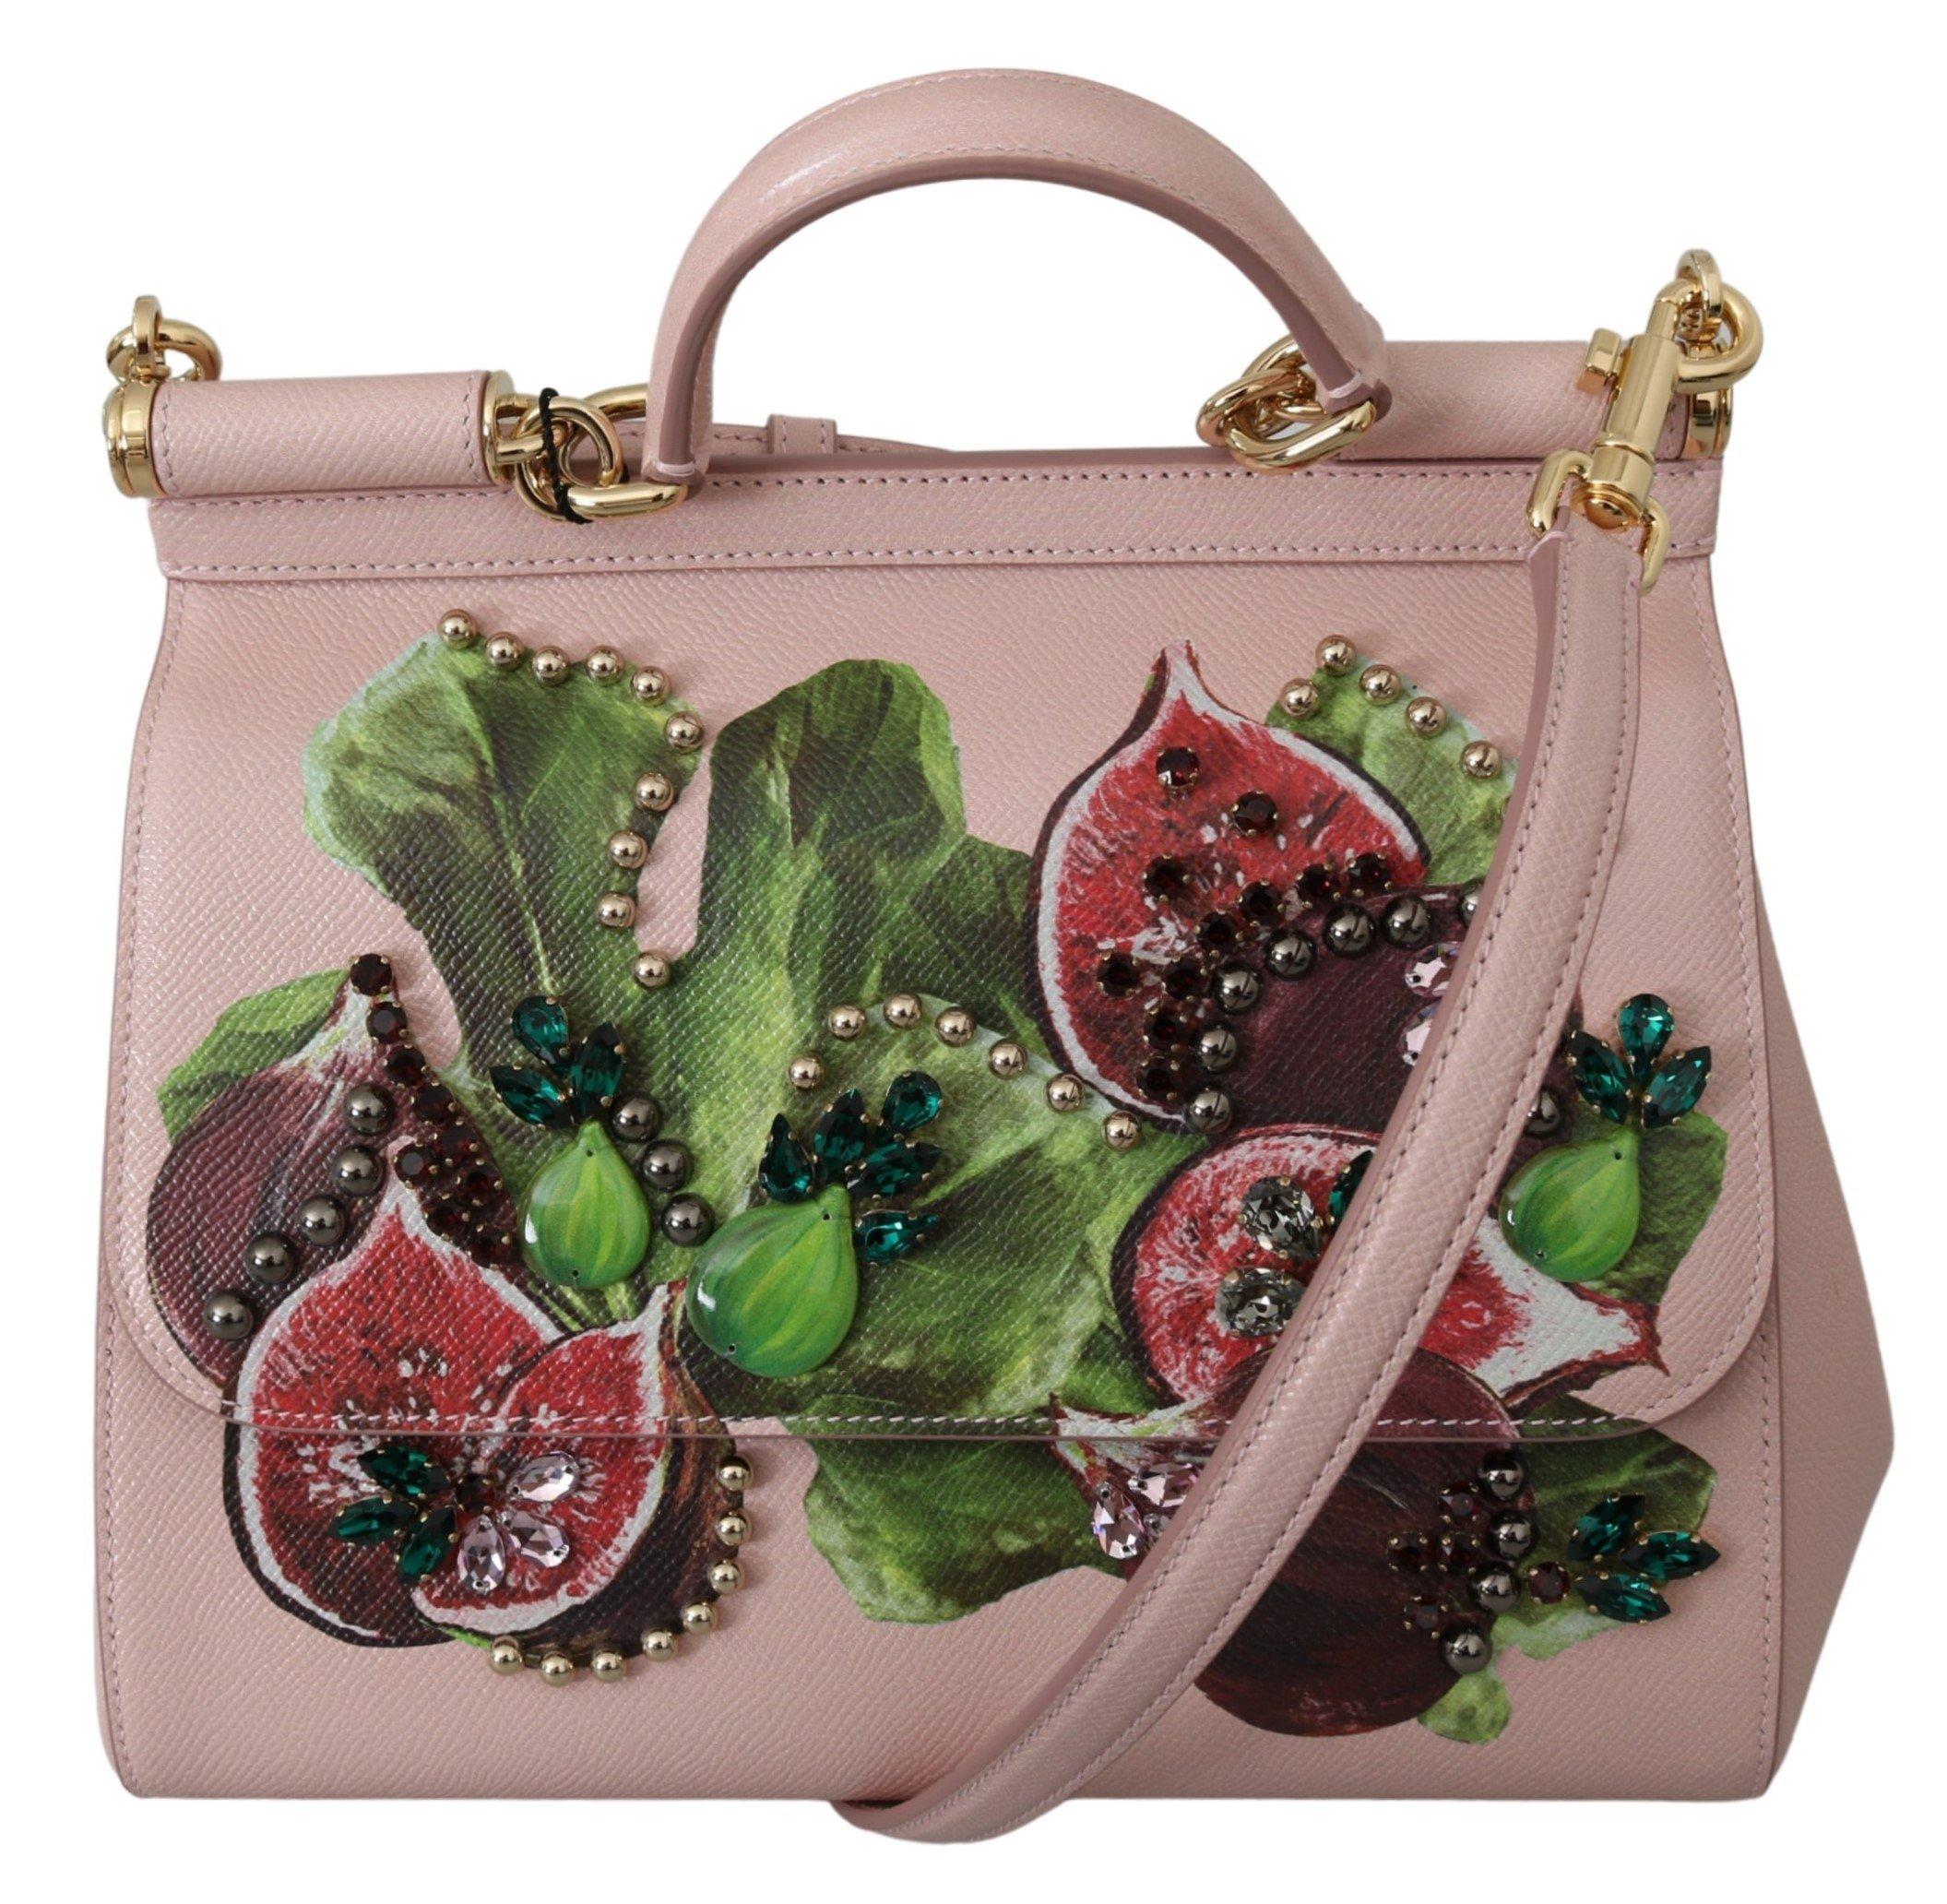 Dolce & Gabbana Women's Fruit Crystal Leather Shoulder Bag Pink VAS9956